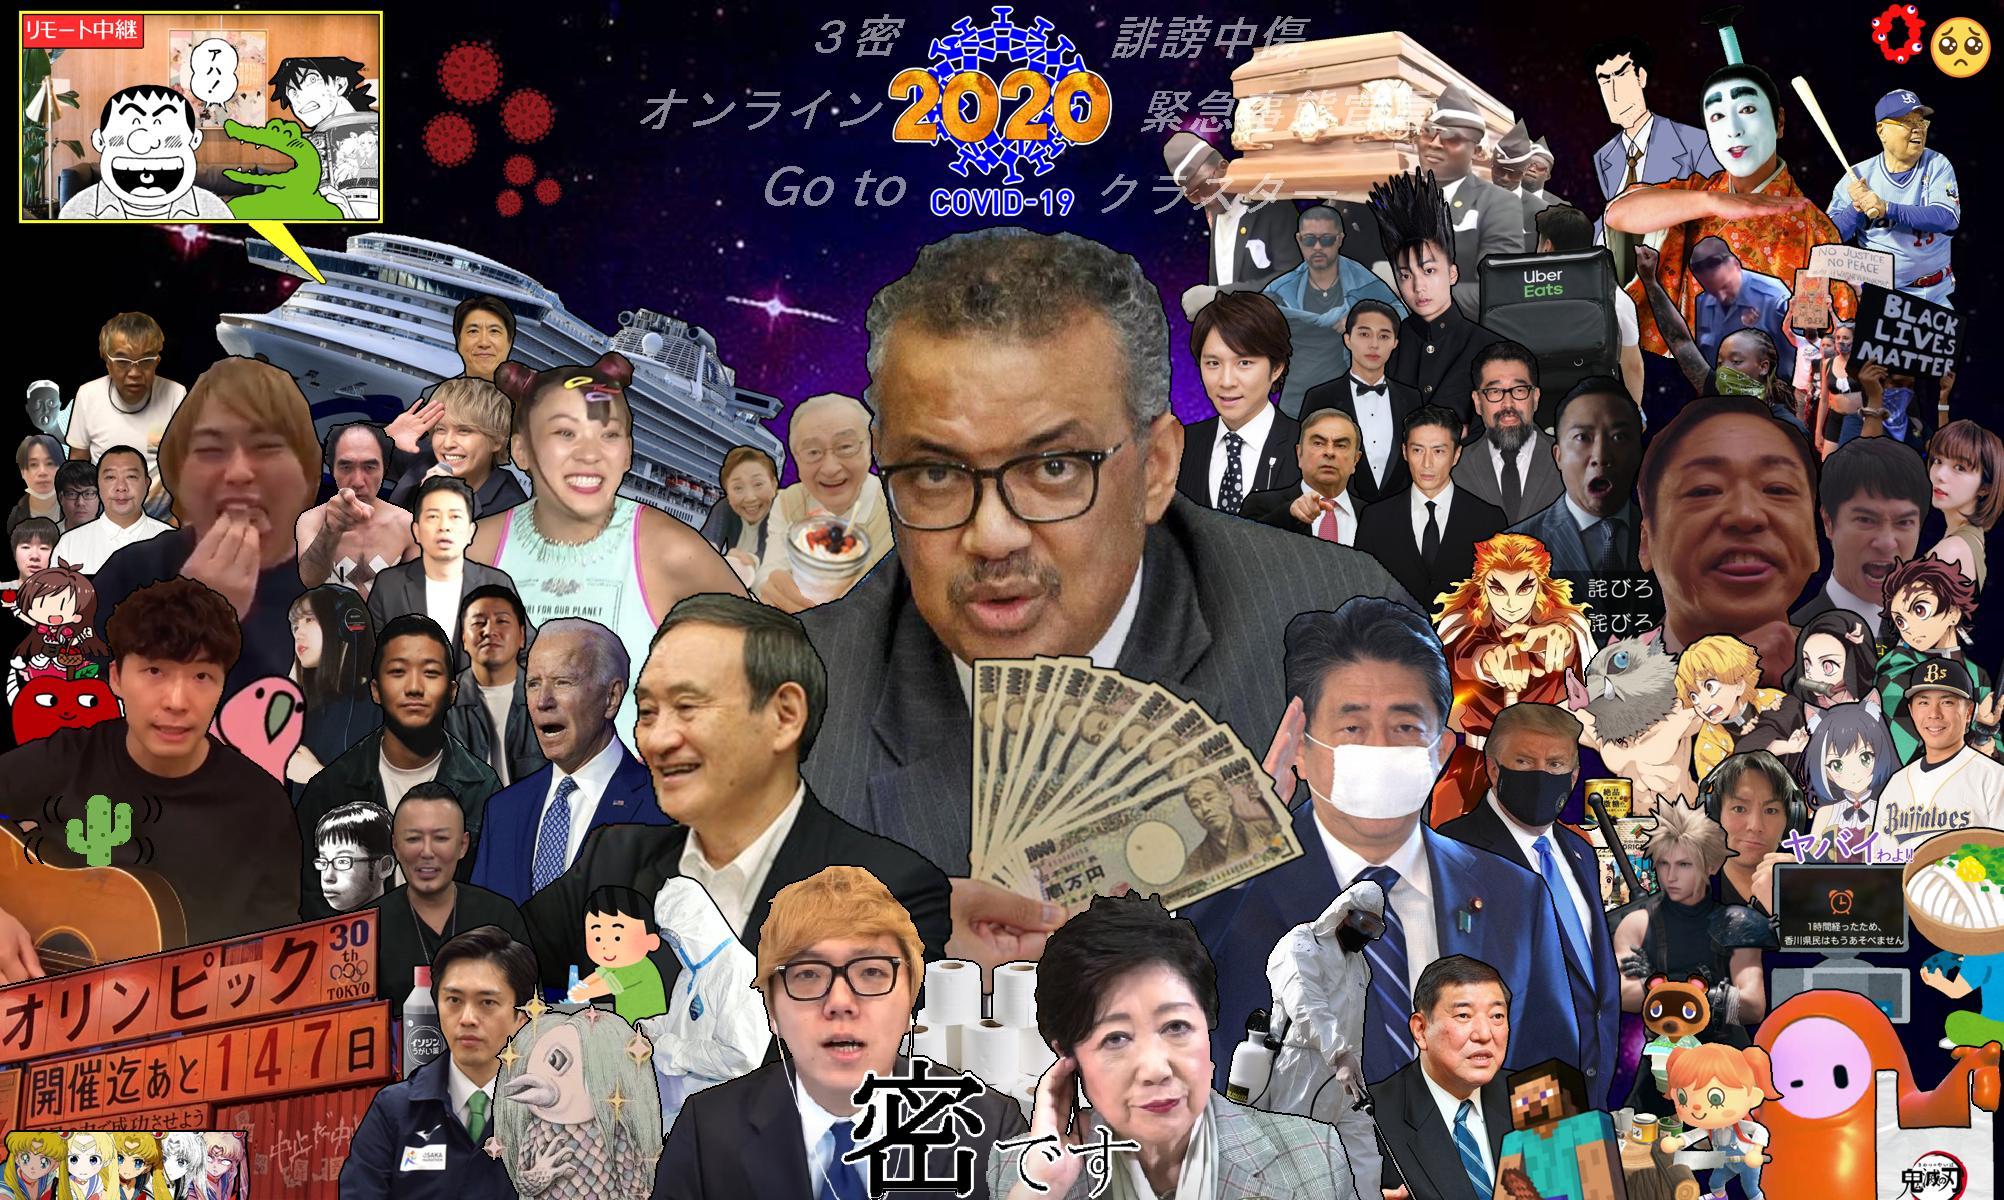 【悲報】2020年をまとめた画像がコチラ!!!(歴代画像あり)